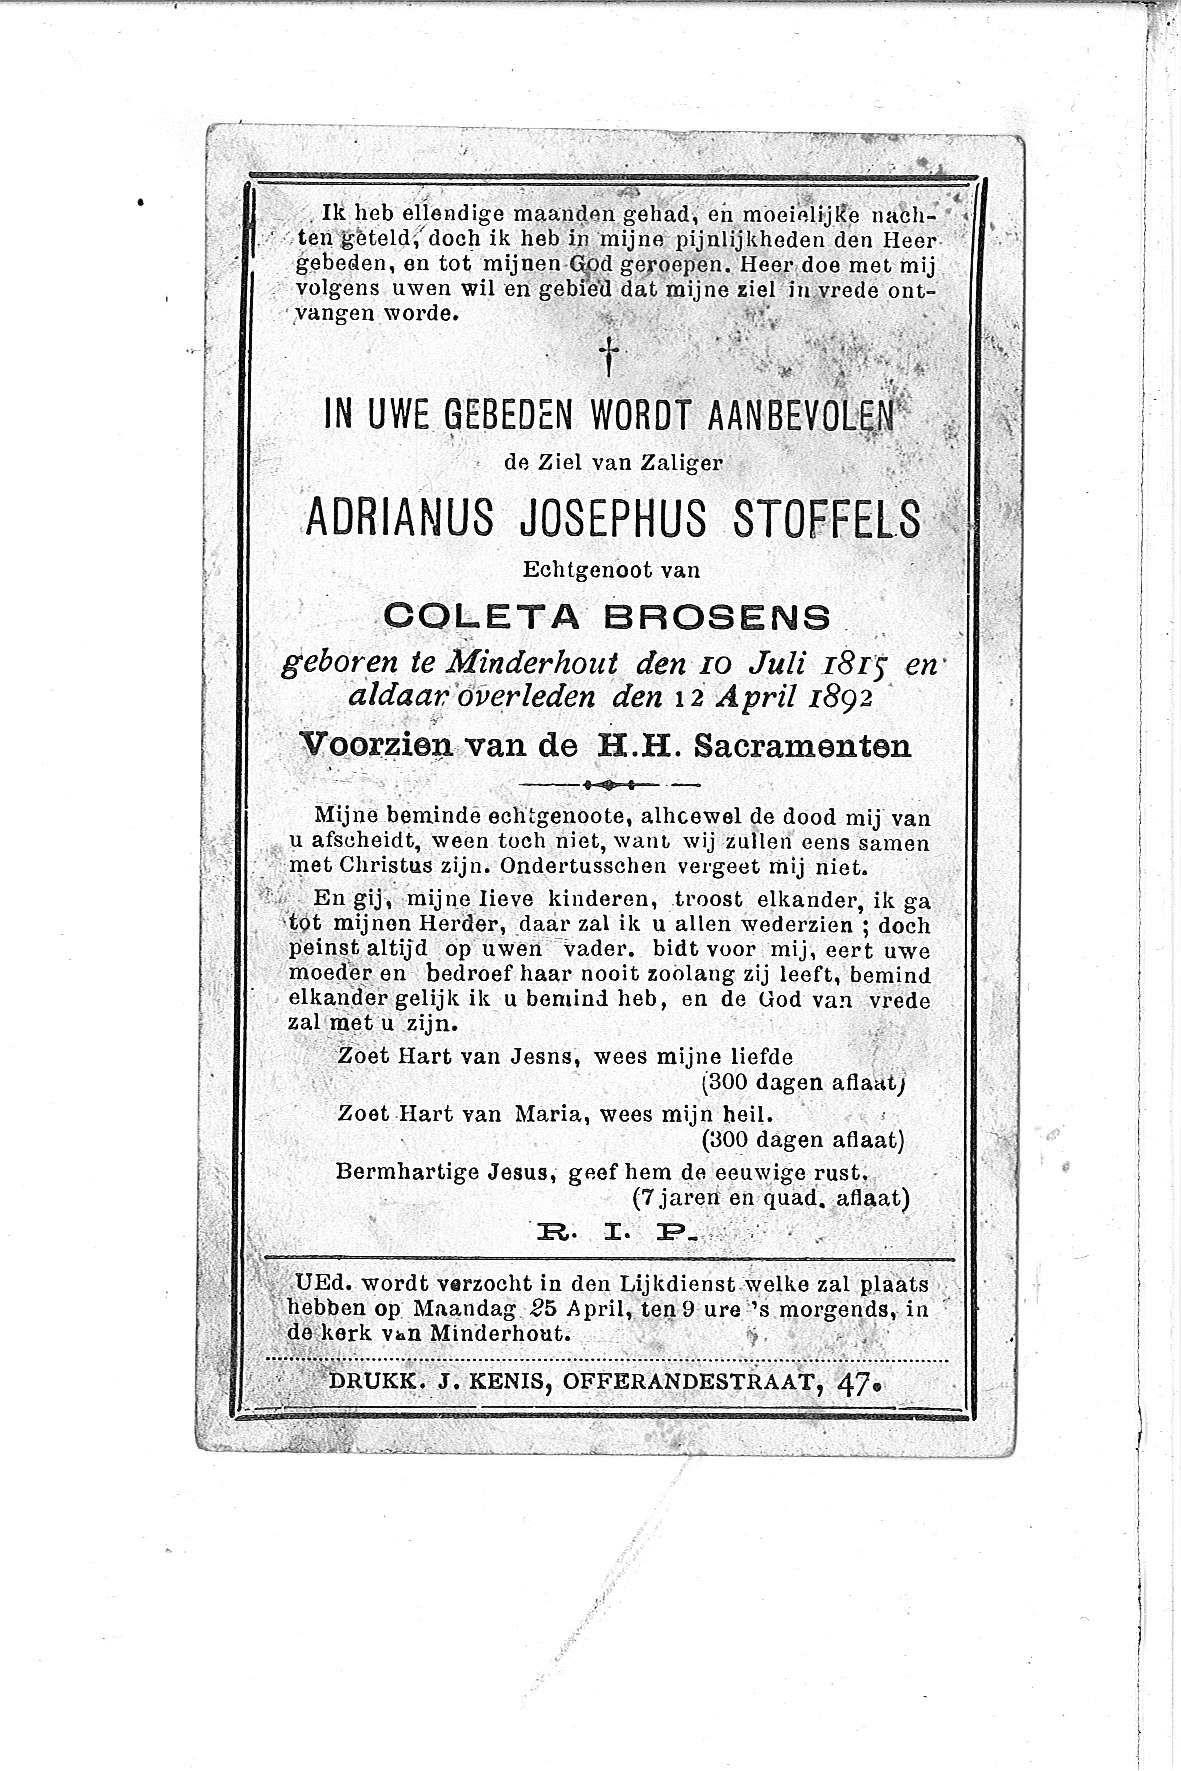 Adrianus-Josephus(1892)20100628094308_00024.jpg